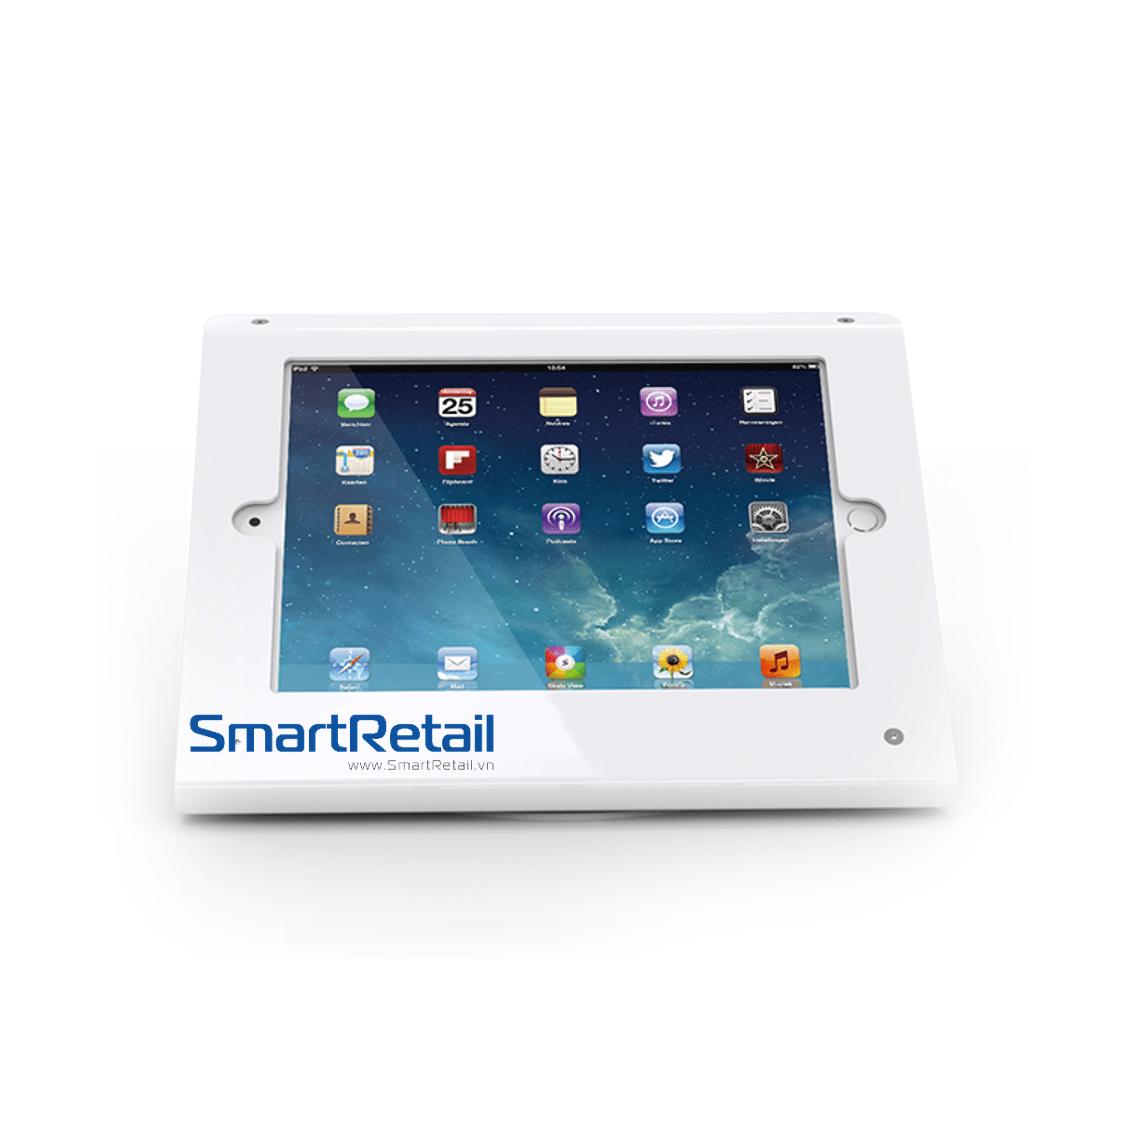 SmartRetail Thiet bi bao ve Tablet SC102 2